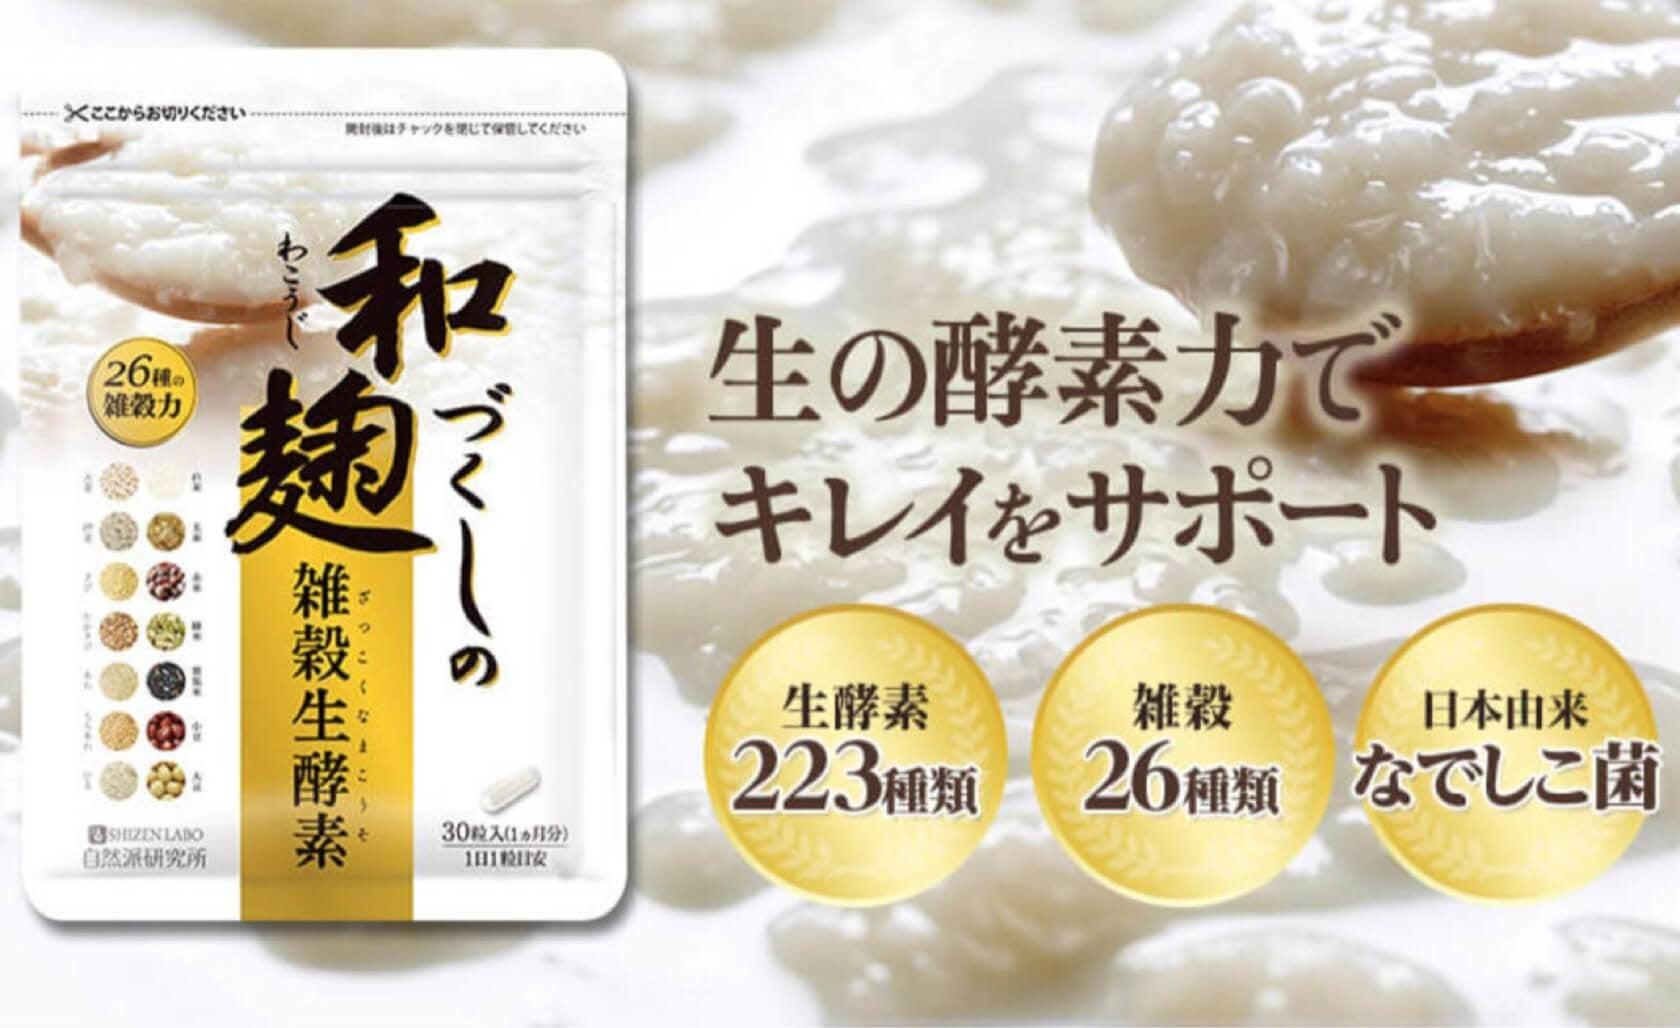 ない づくし 和 酵素 麹 痩せ 雑穀 の 生